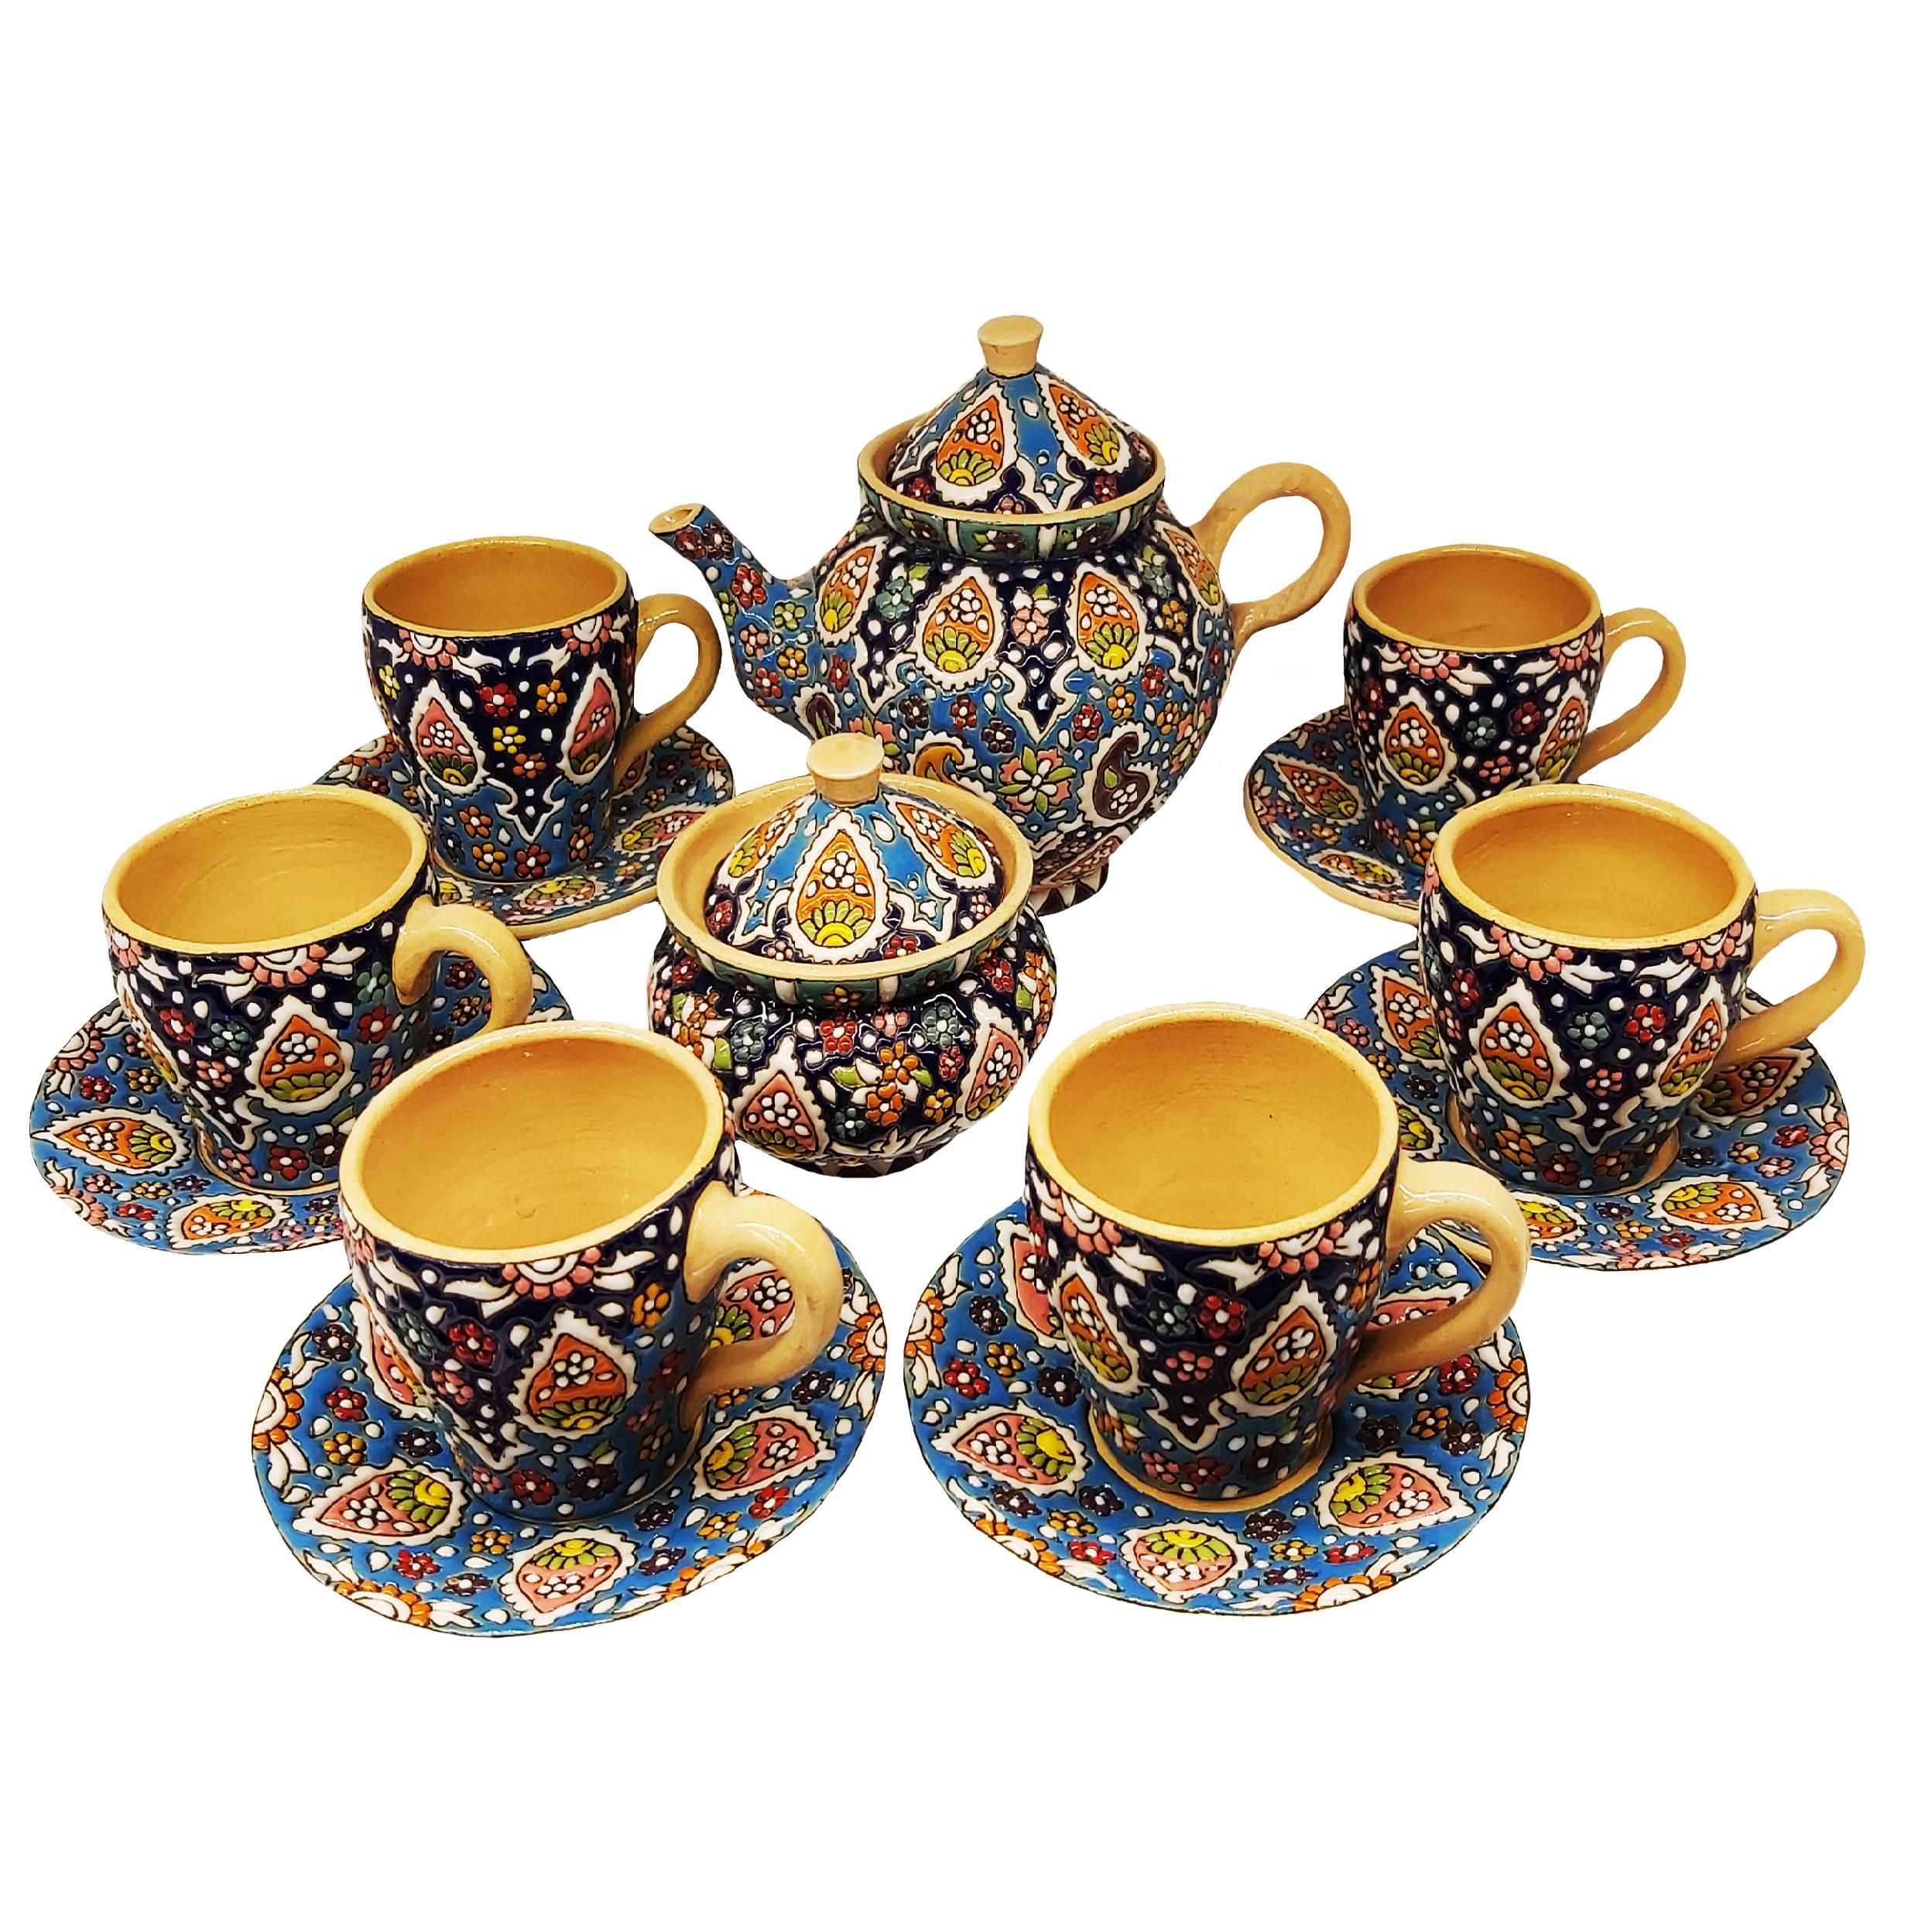 سرویس چای خوری میناکاری کد 9-12 مجموعه 14 عددی